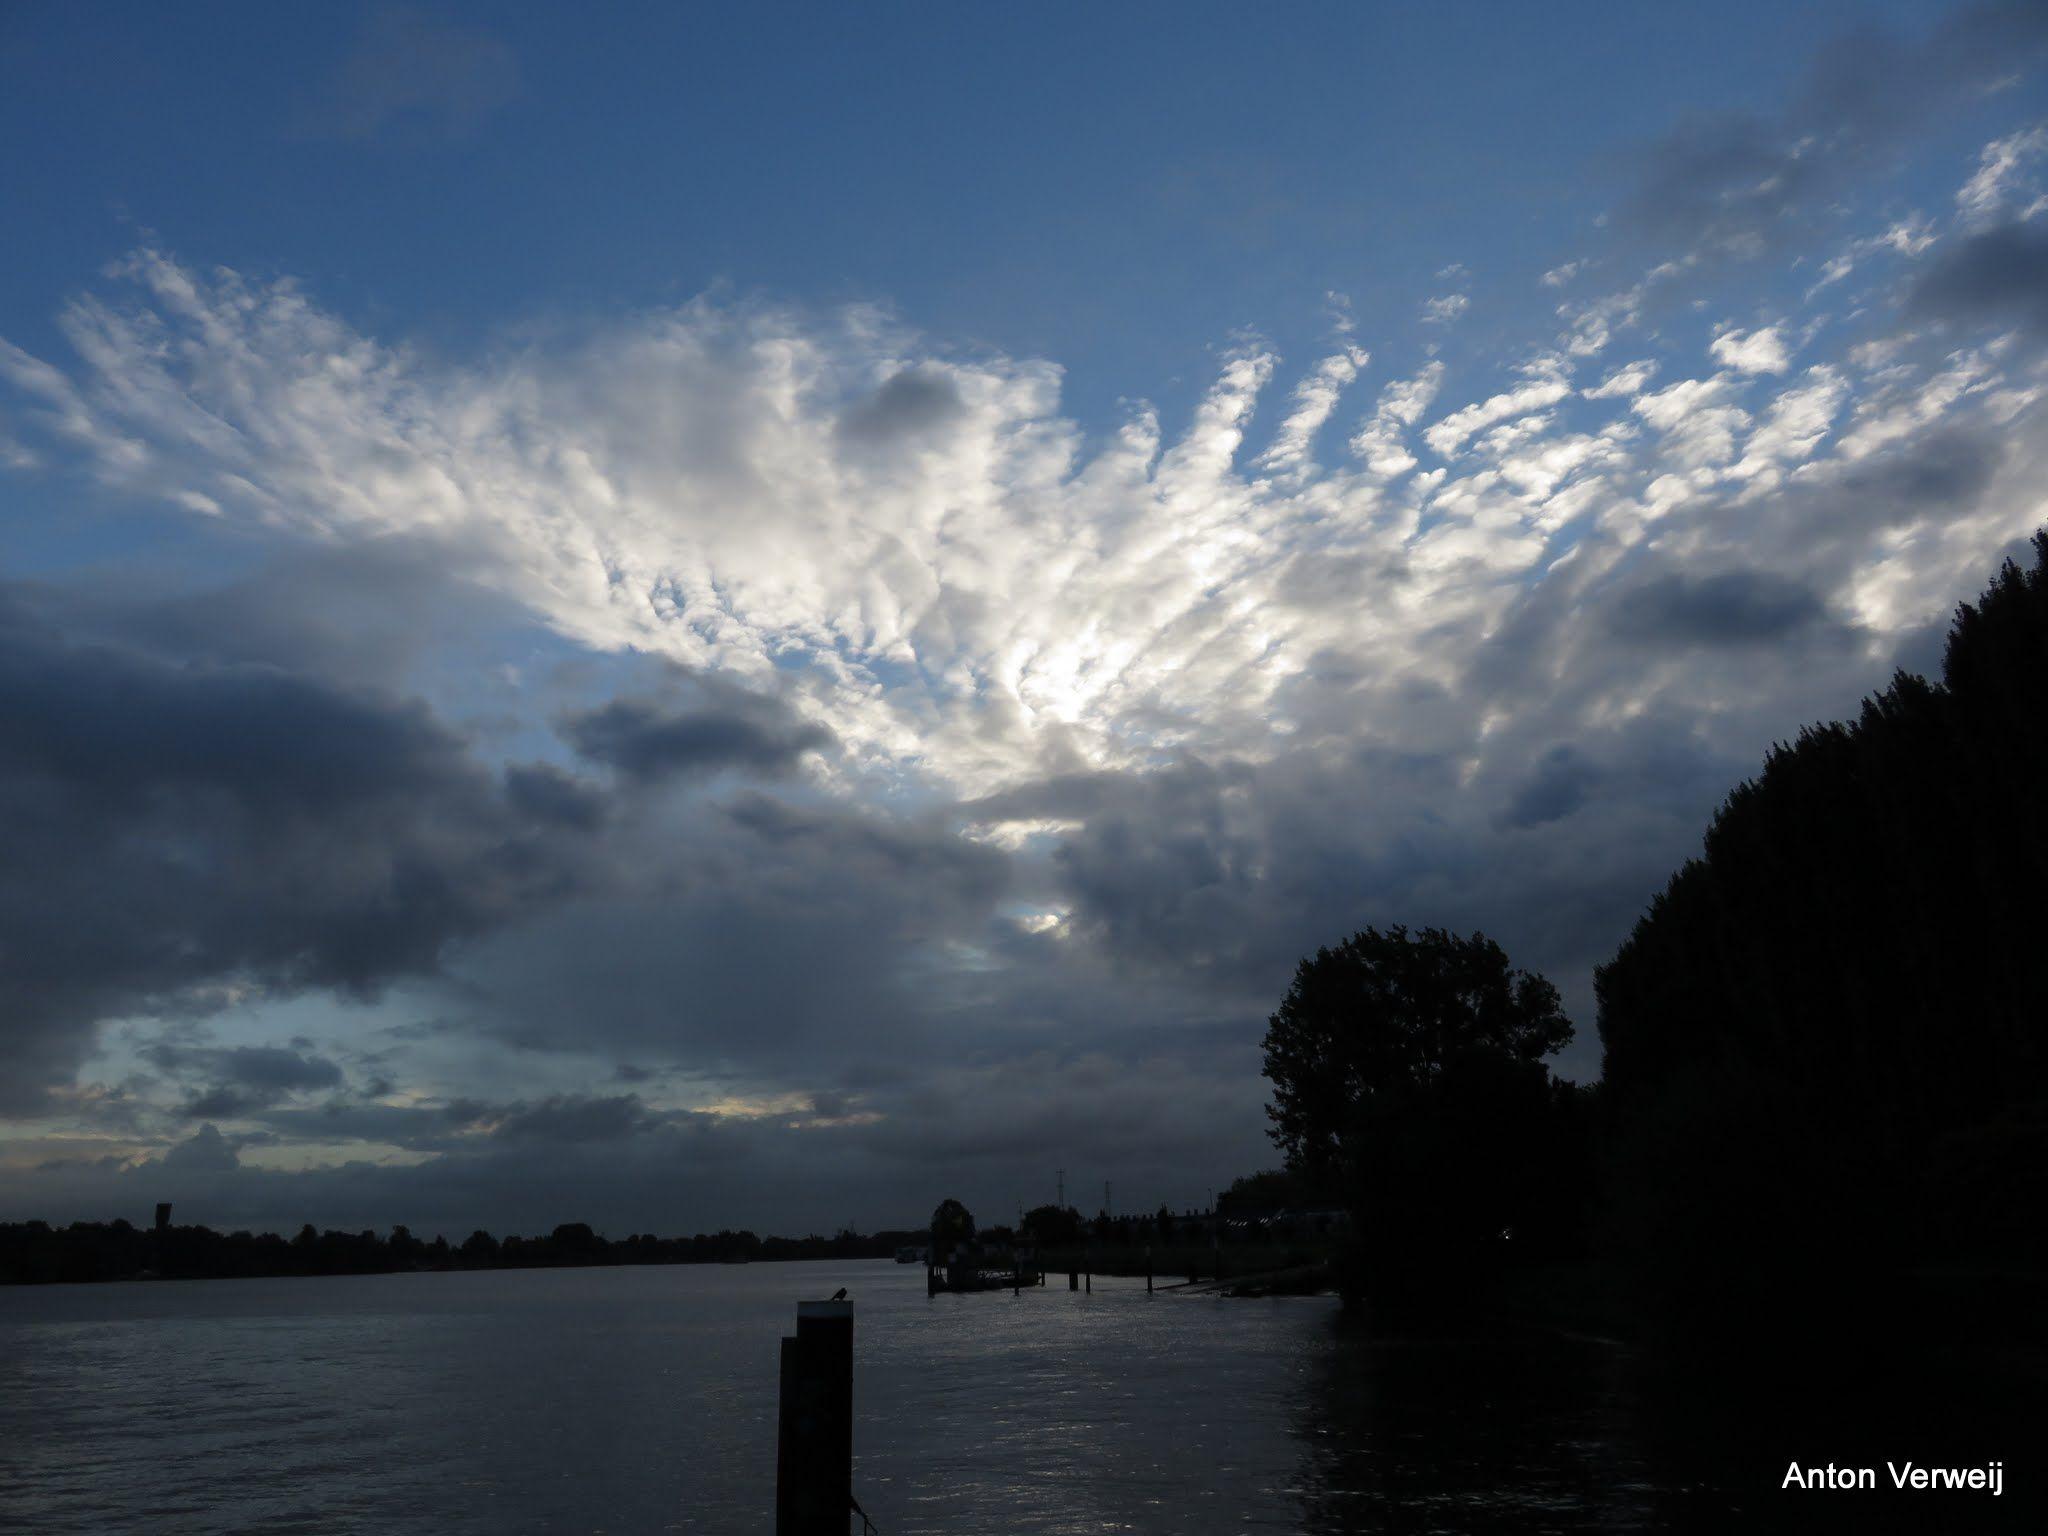 Ornamentenwolken ... http://godisindestilte.blogspot.nl/2015/09/ornamentenwolken.html